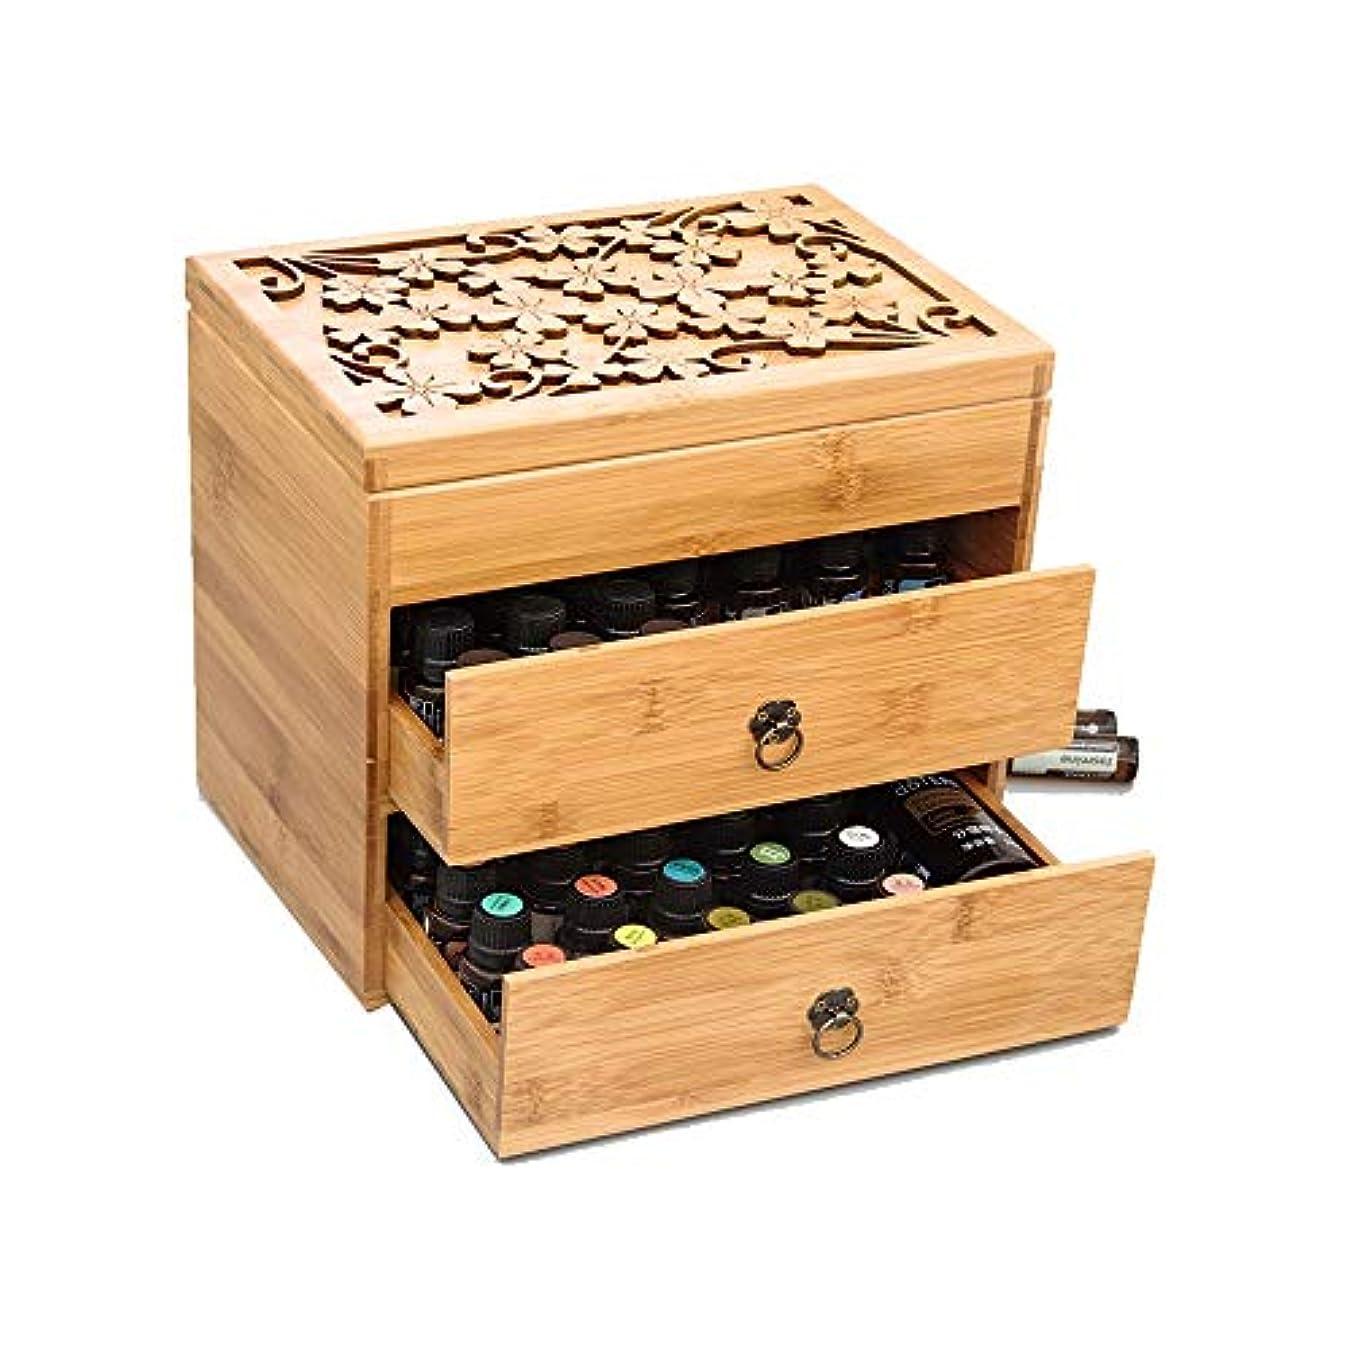 迷信原点インシデントエッセンシャルオイルの保管 3ティアエッセンシャルオイルボックス木製収納ケースは、エレガントな装飾的なデザインでは5、10&15ミリリットルボトルを保護します (色 : Natural, サイズ : 26X18X24.5CM)